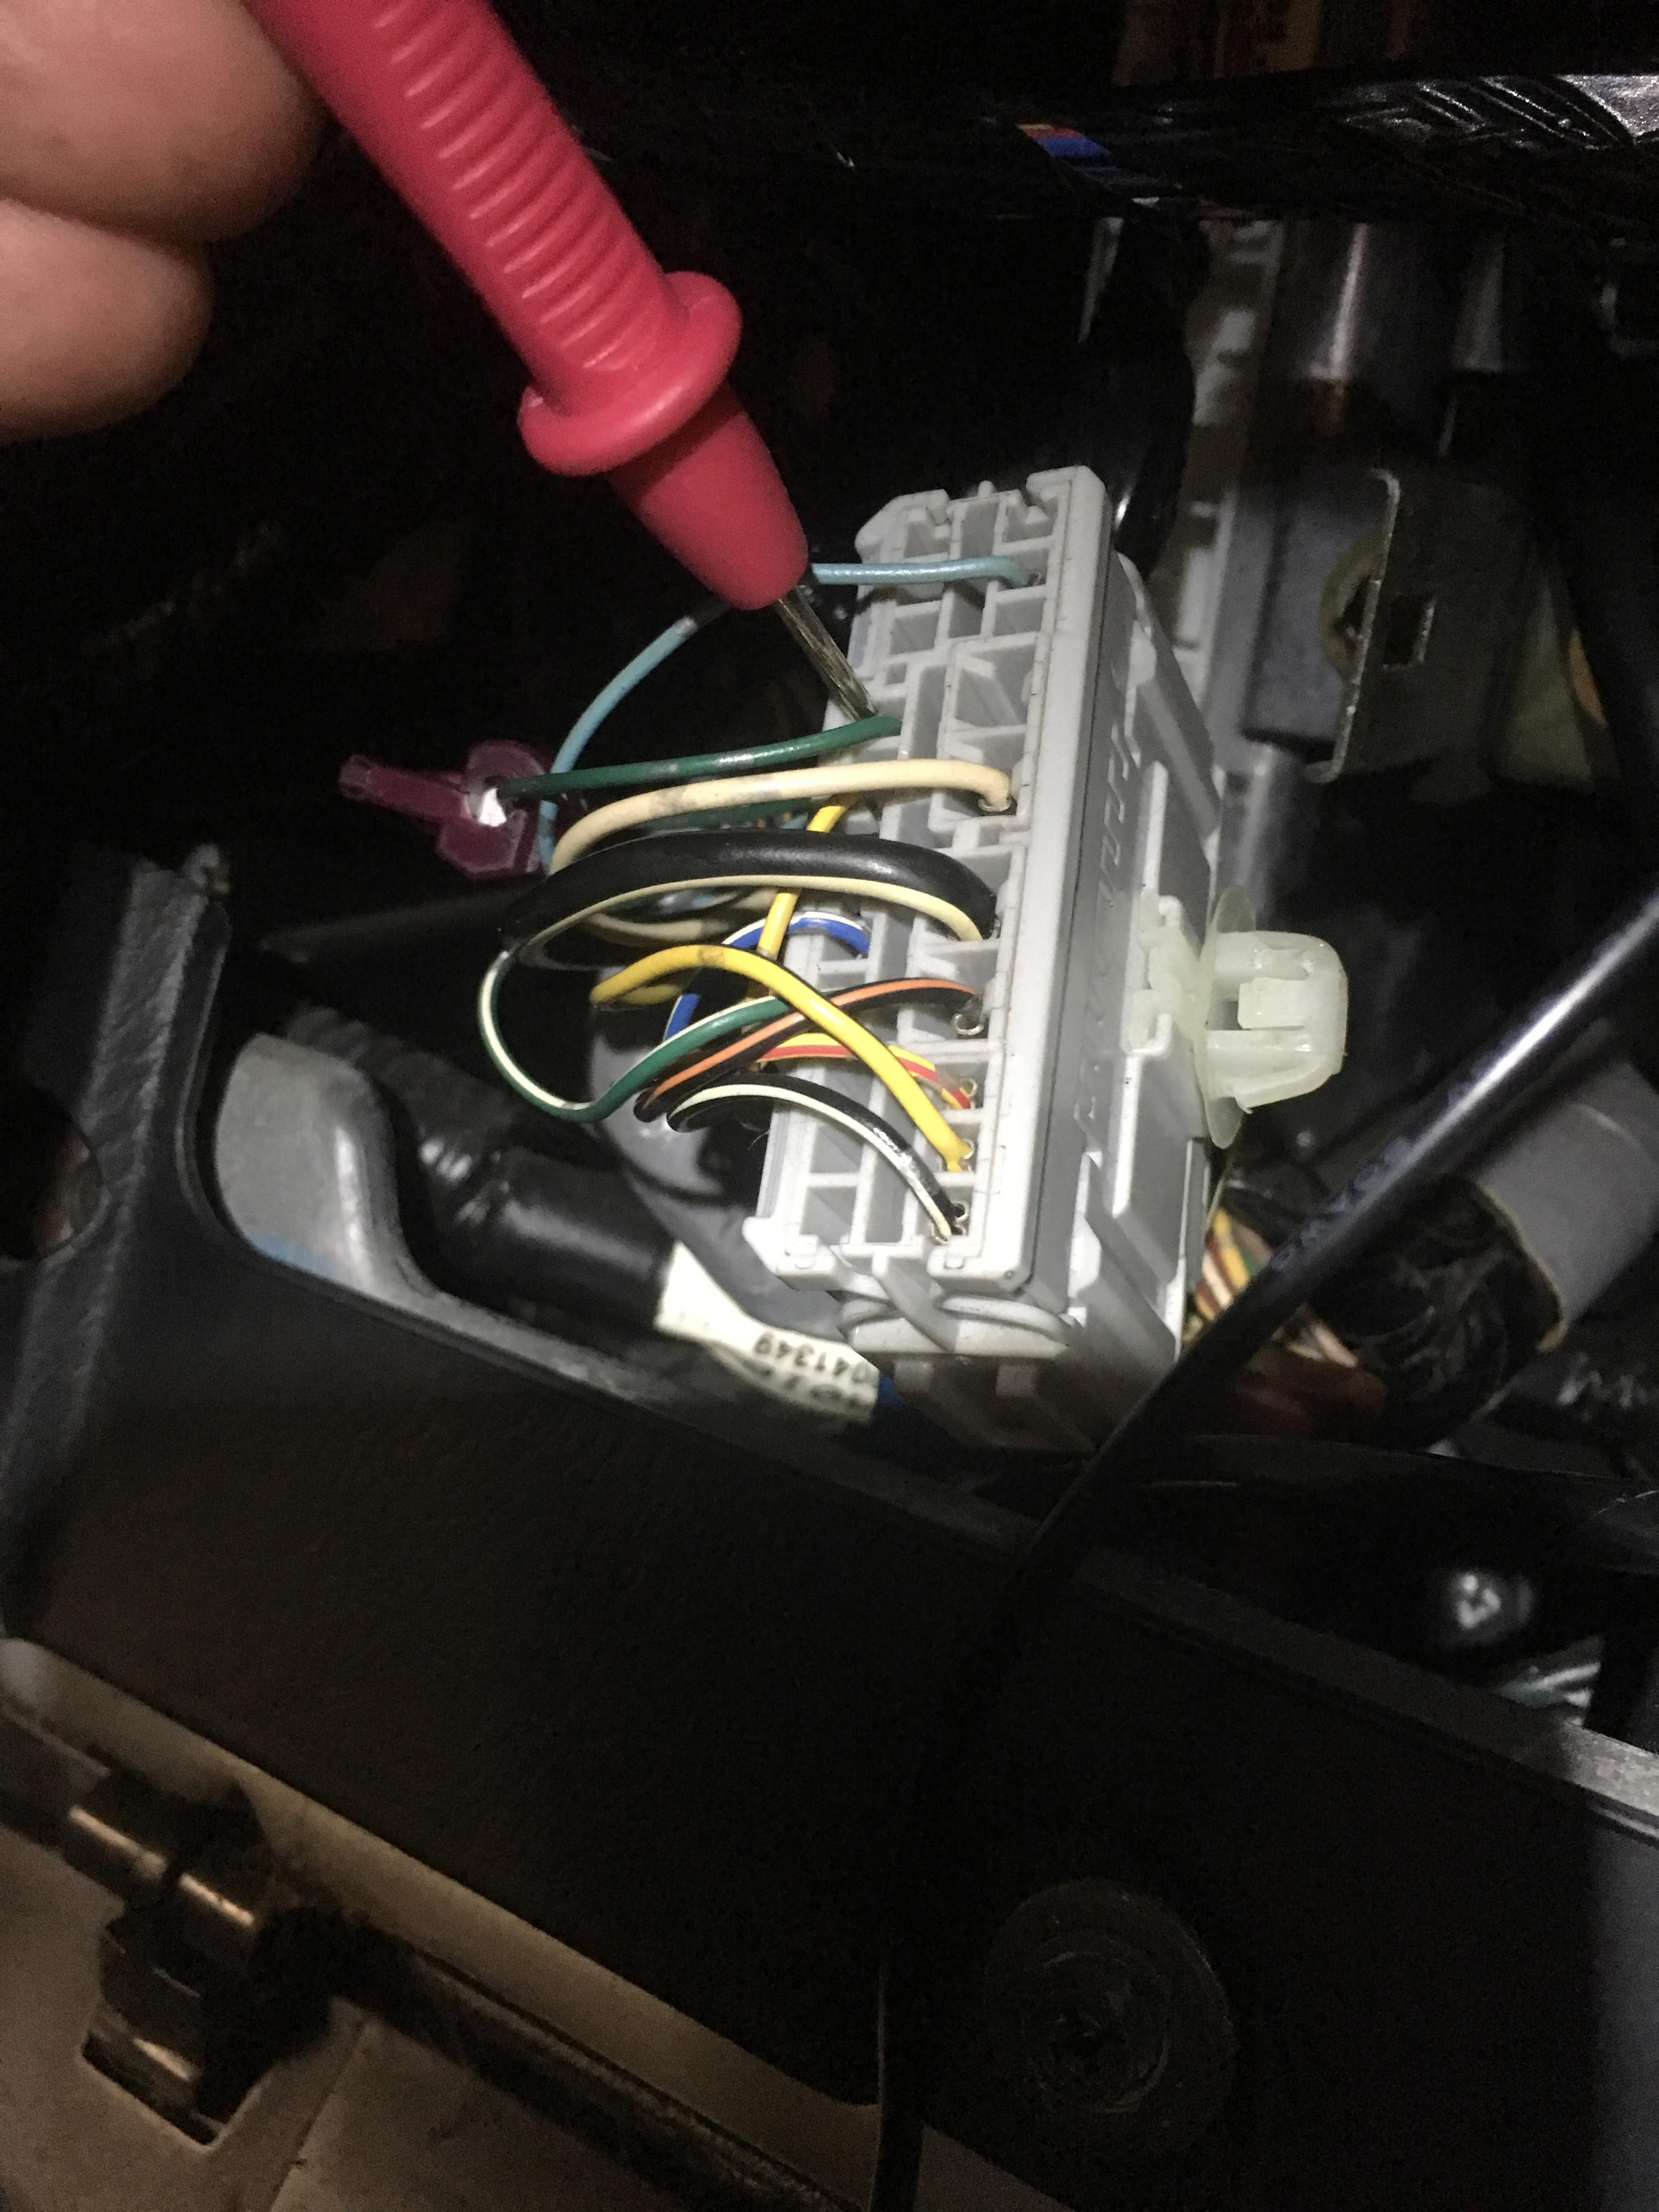 Backup Camera 7th Gen Dashboard Reverse Light Wire Color Harness 2003 Honda Civic Fuse Box Location P 05 Ex 5spd